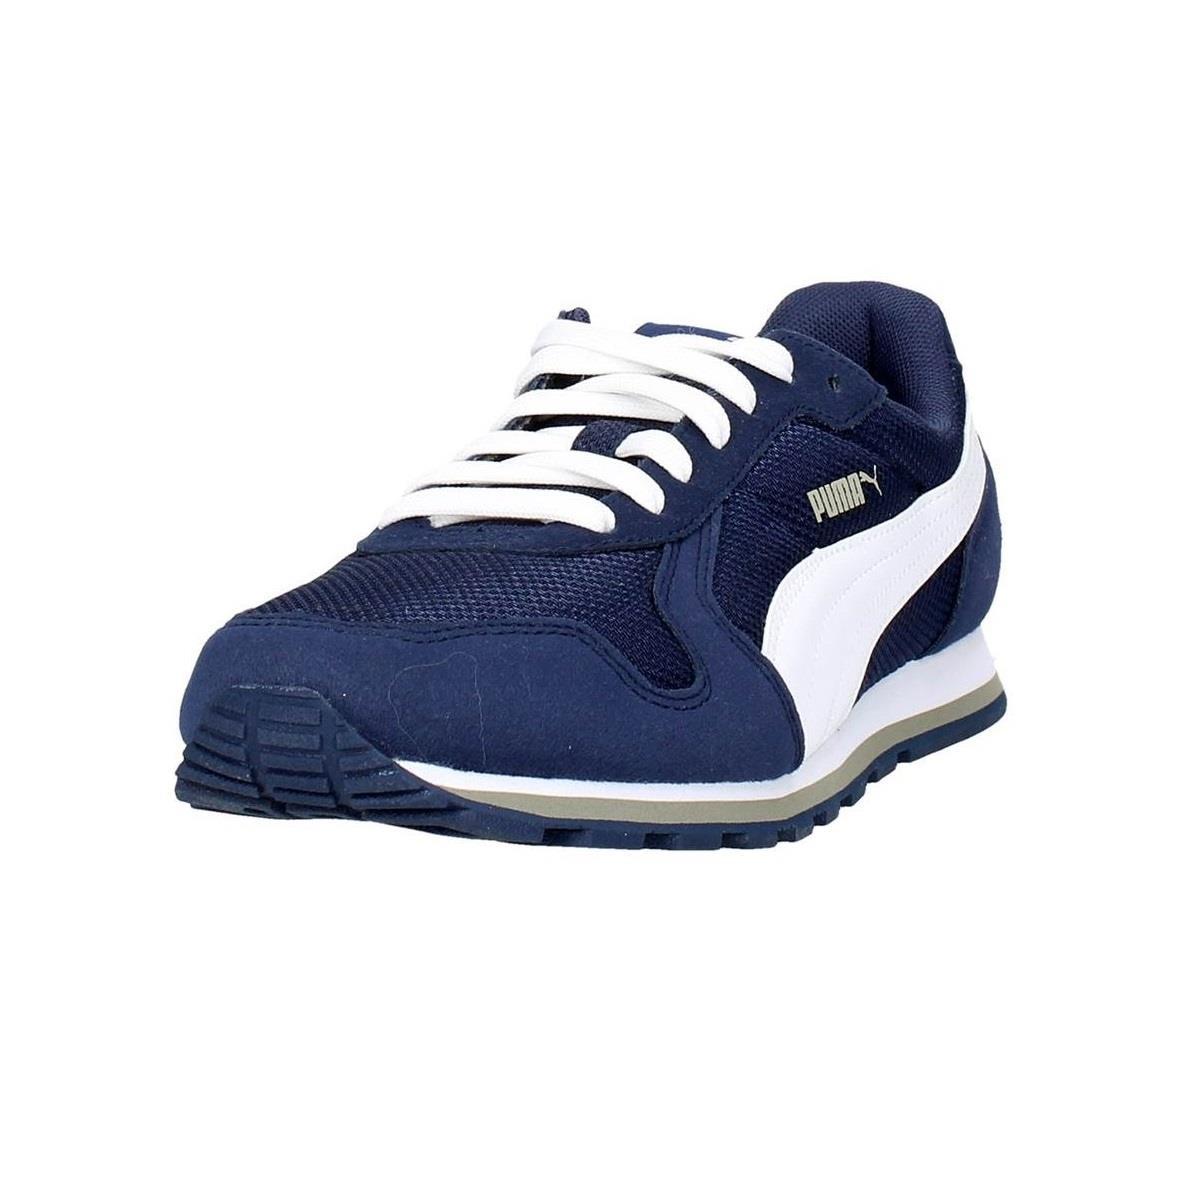 scarpe uomo puma ragazzo